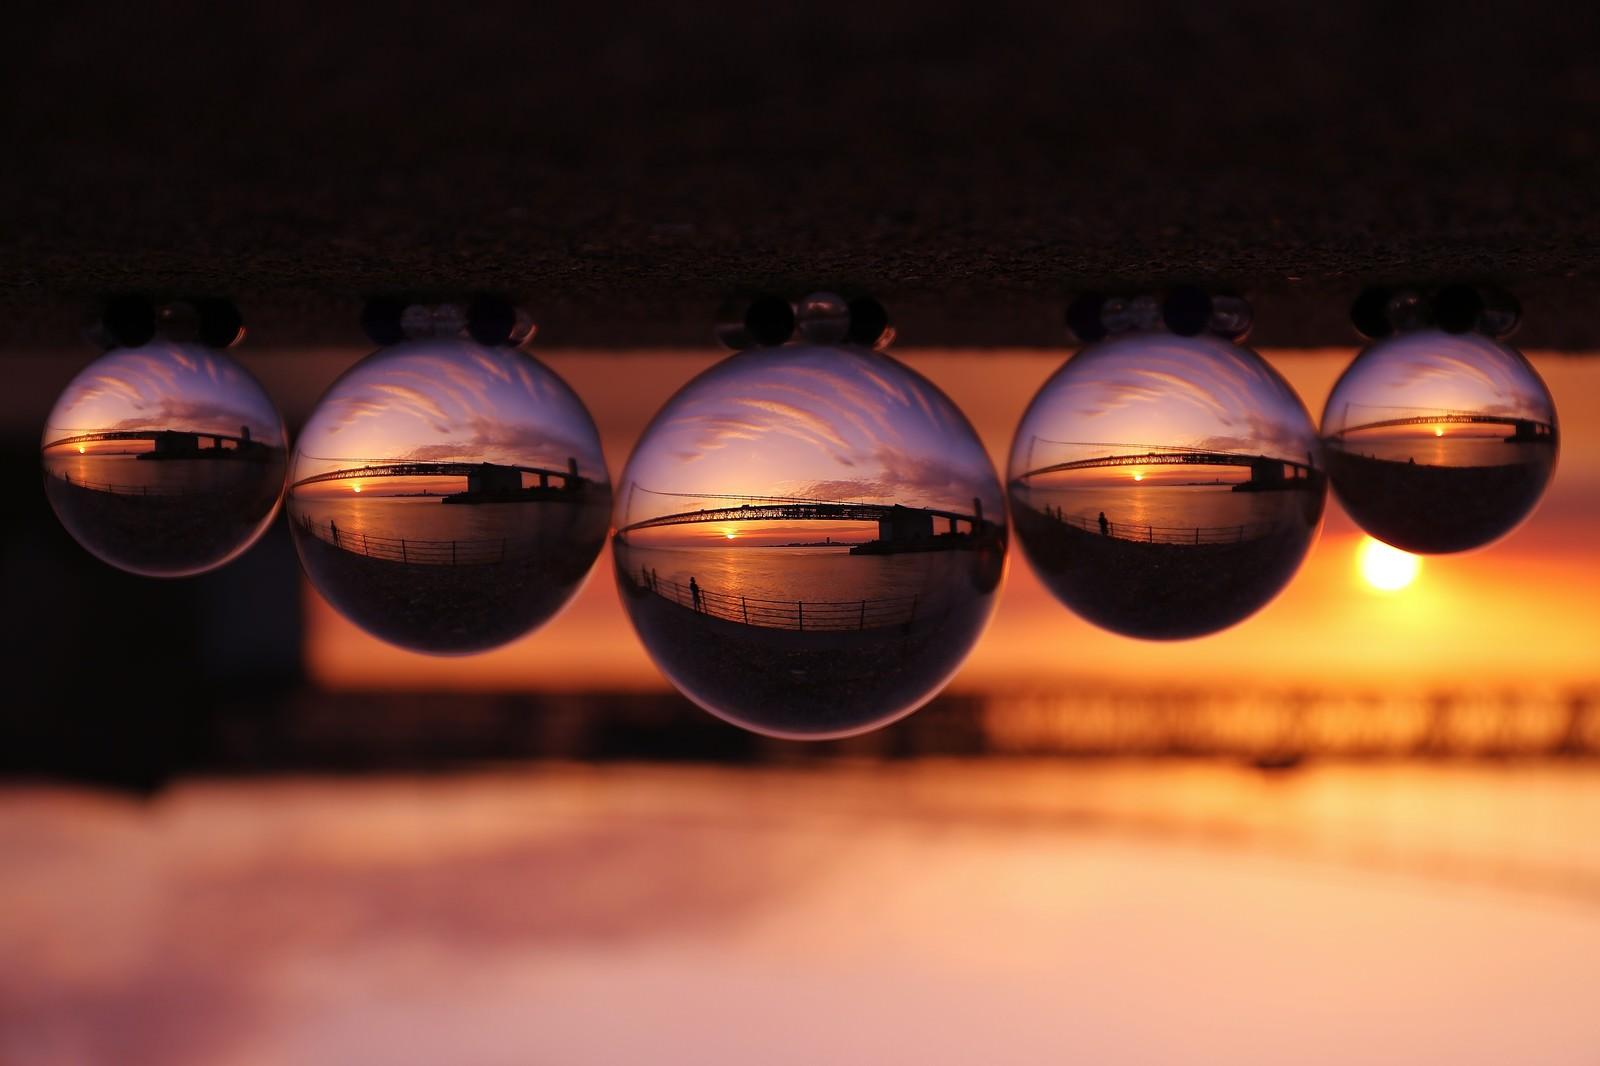 「水晶玉の中で反転する橋水晶玉の中で反転する橋」のフリー写真素材を拡大